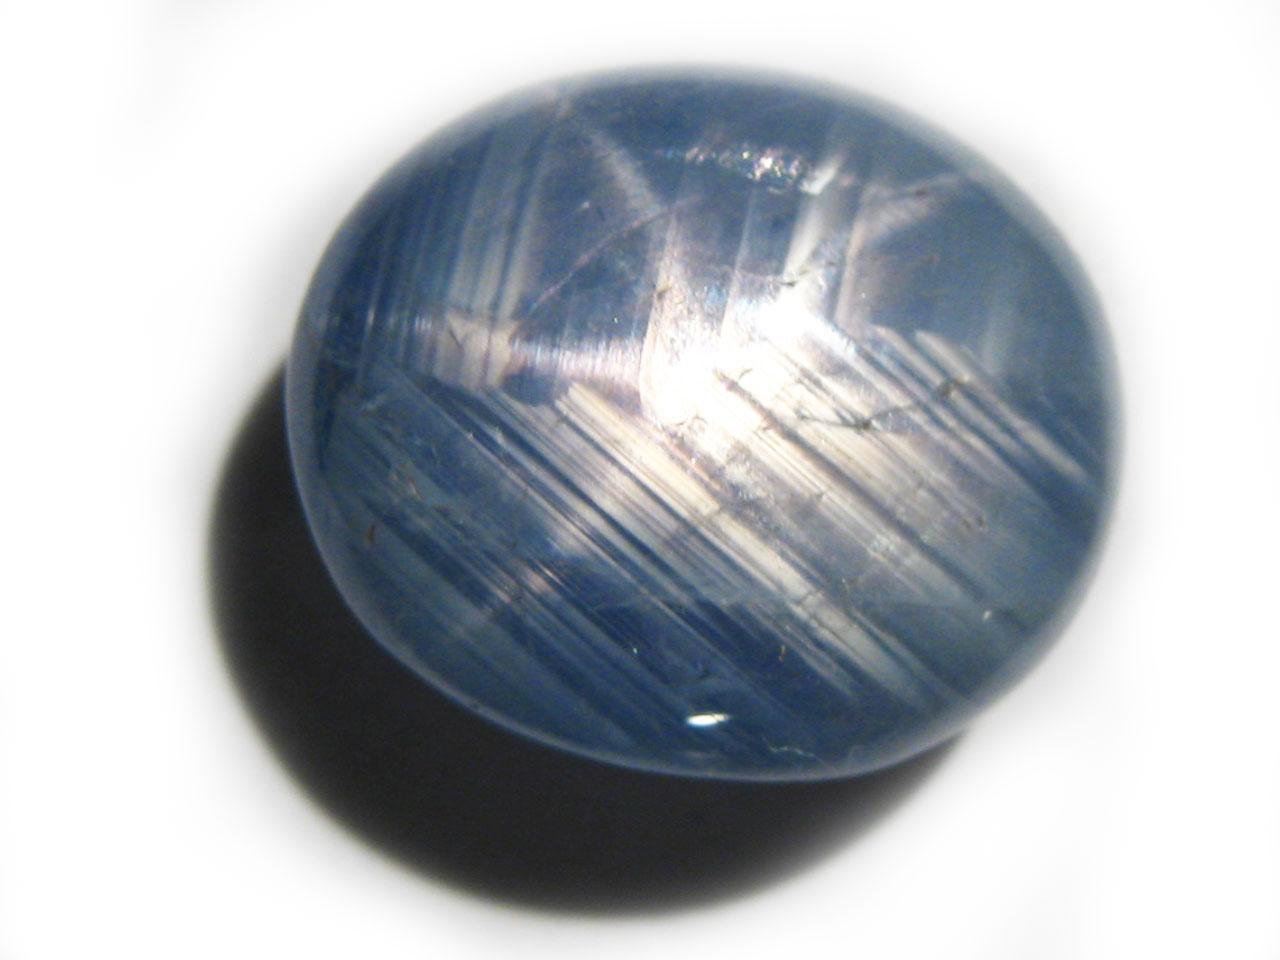 Burma Blue Star Sapphire - 8.81 cts - 11.5x9.7x6.8mm